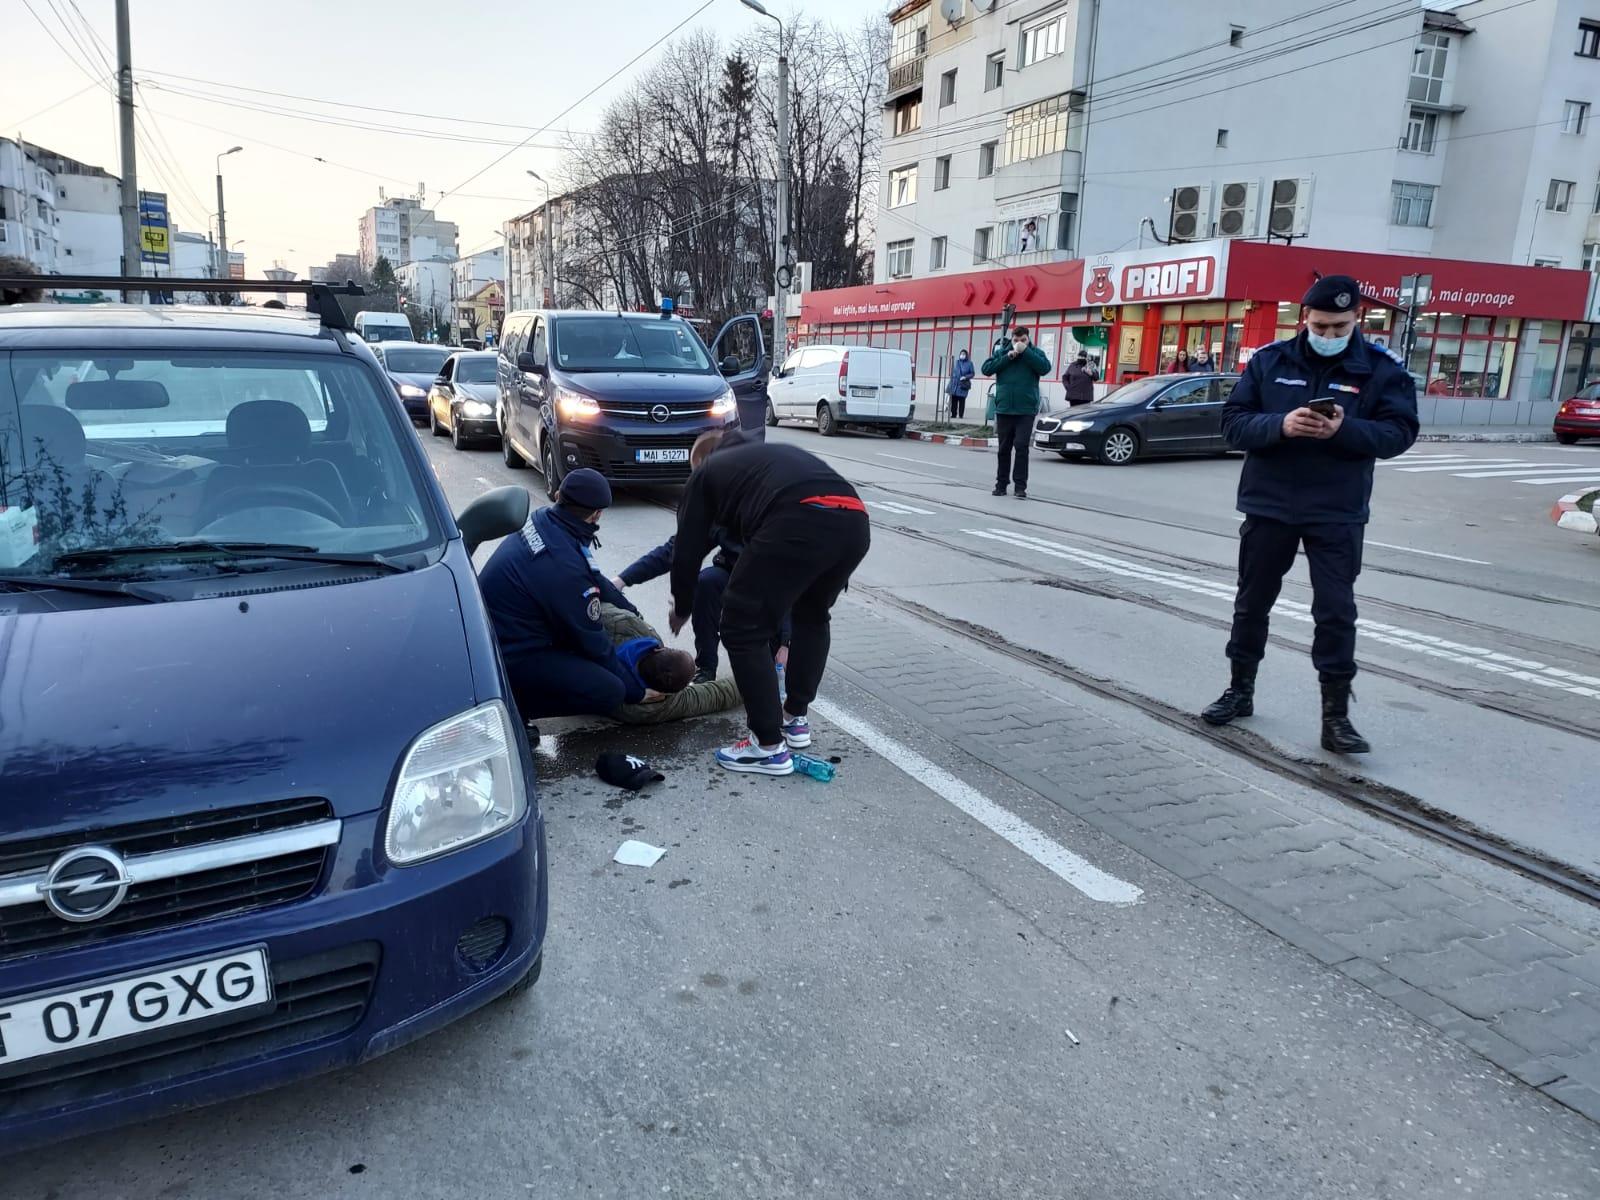 Jandarmii au acordat primul ajutor unui protestatar prăbuşit în mijlocul manifestanților